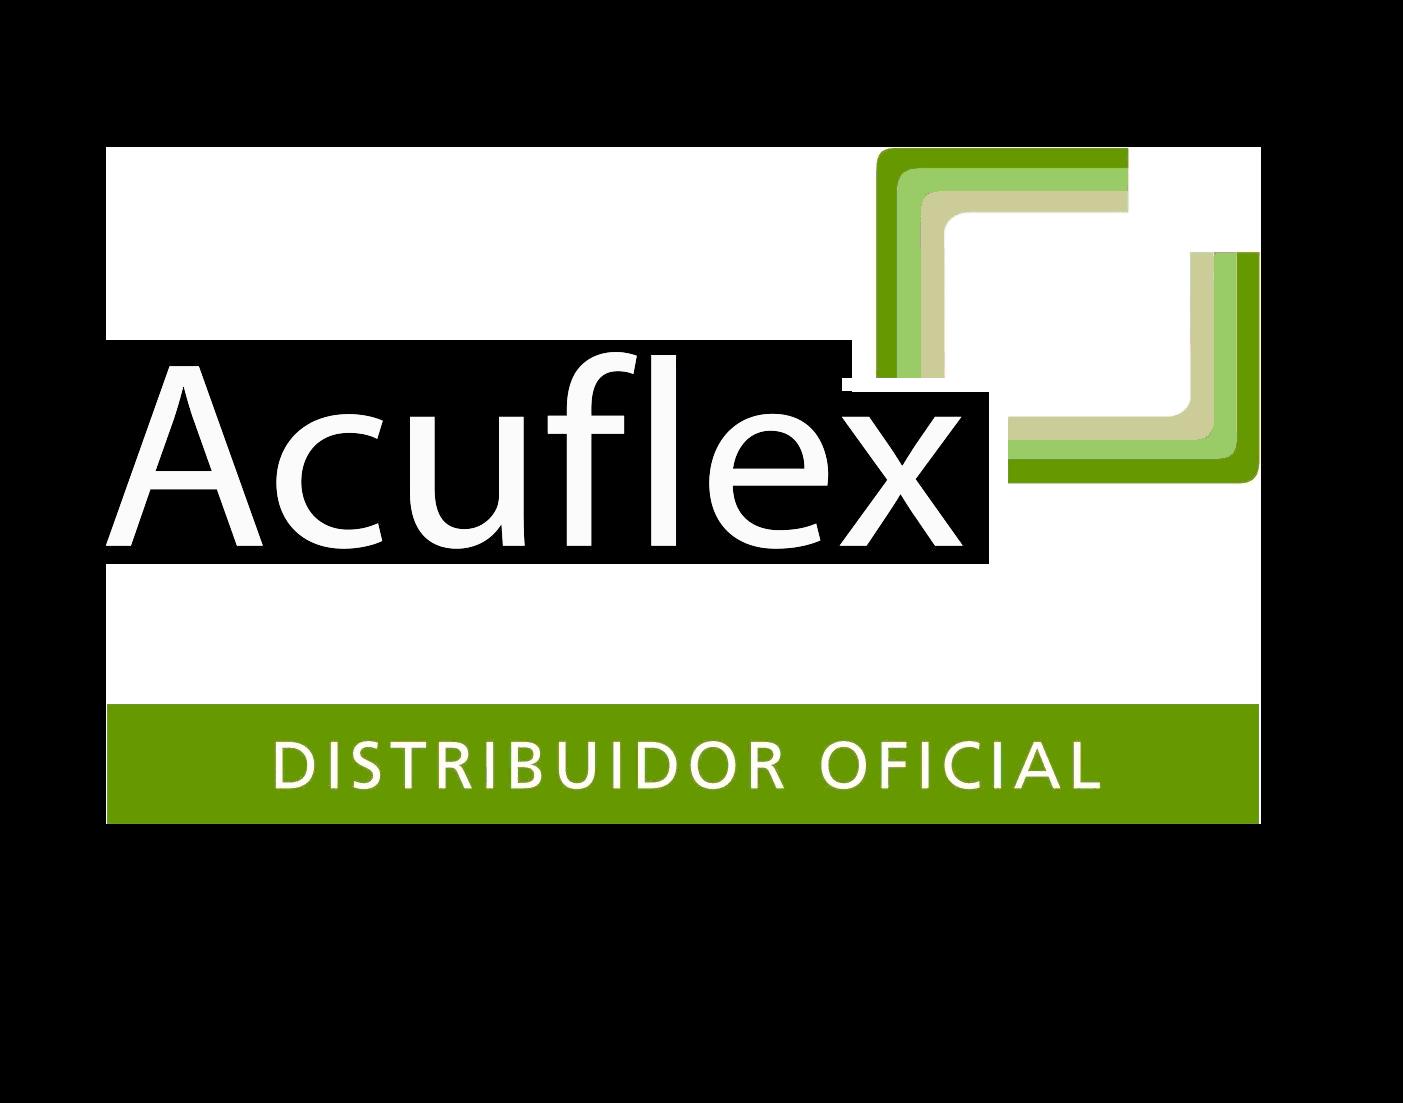 logo acuflex